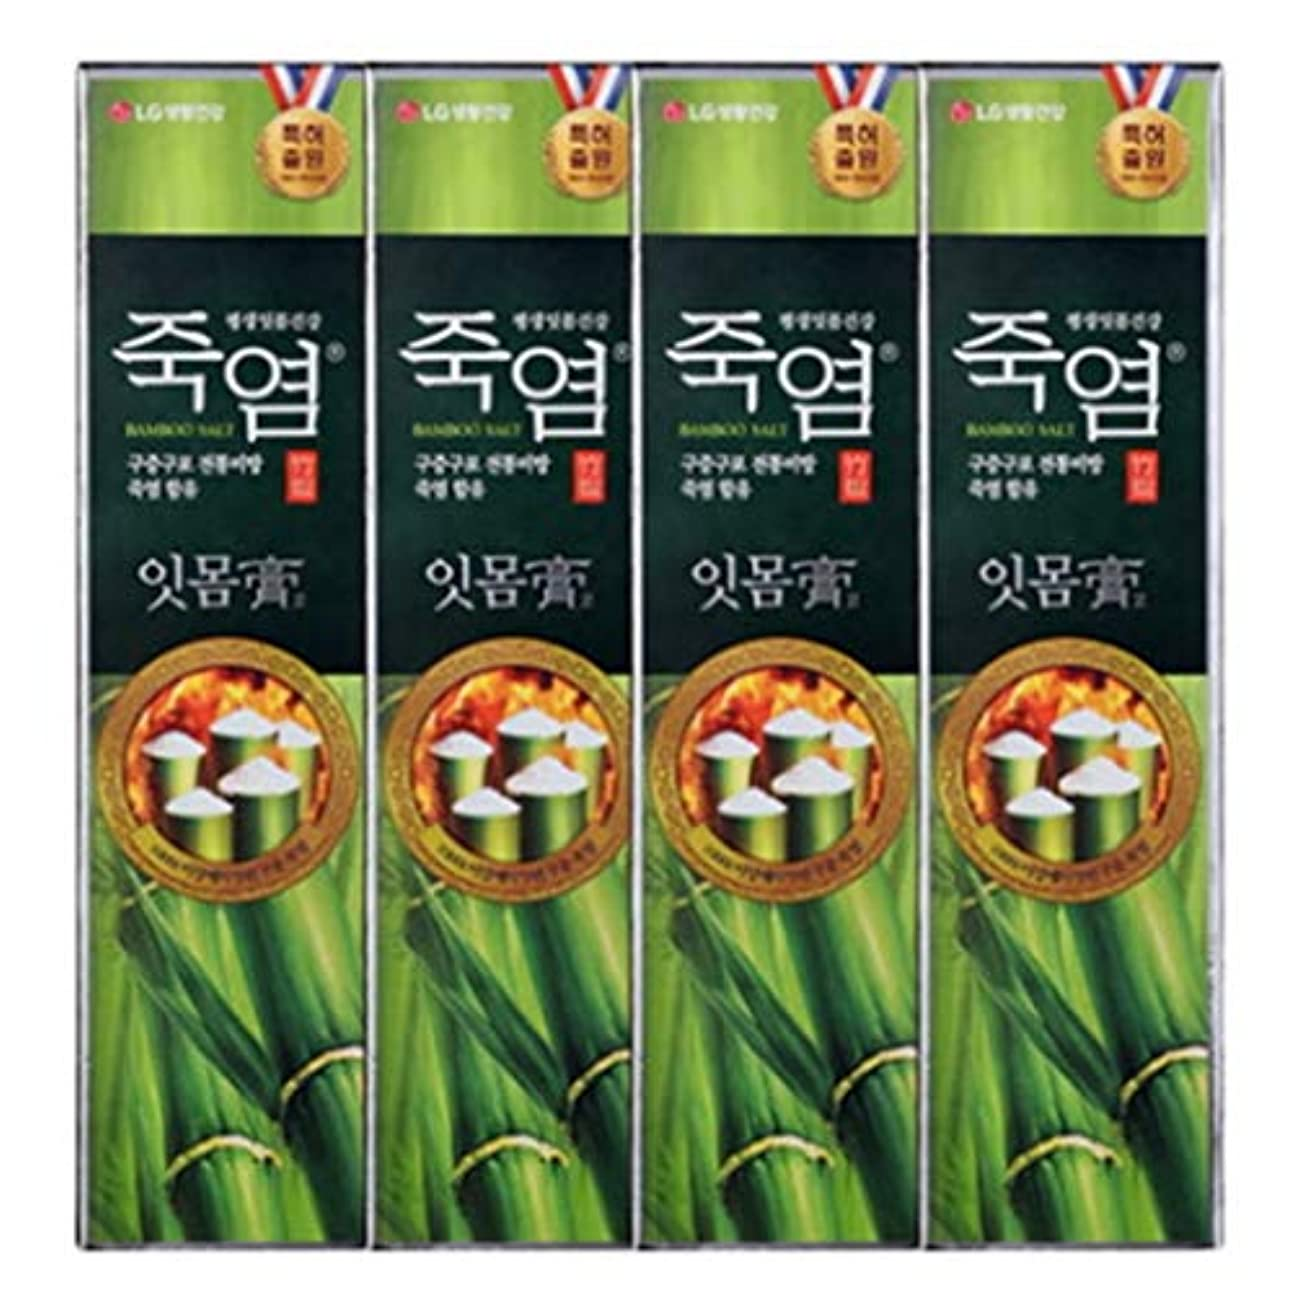 擬人革命的薬局[LG Care/LG生活健康]竹塩歯磨き粉歯肉を健康に120g x4ea / 歯磨きセットスペシャル?リミテッドToothpaste Set Special Limited Korea(海外直送品)